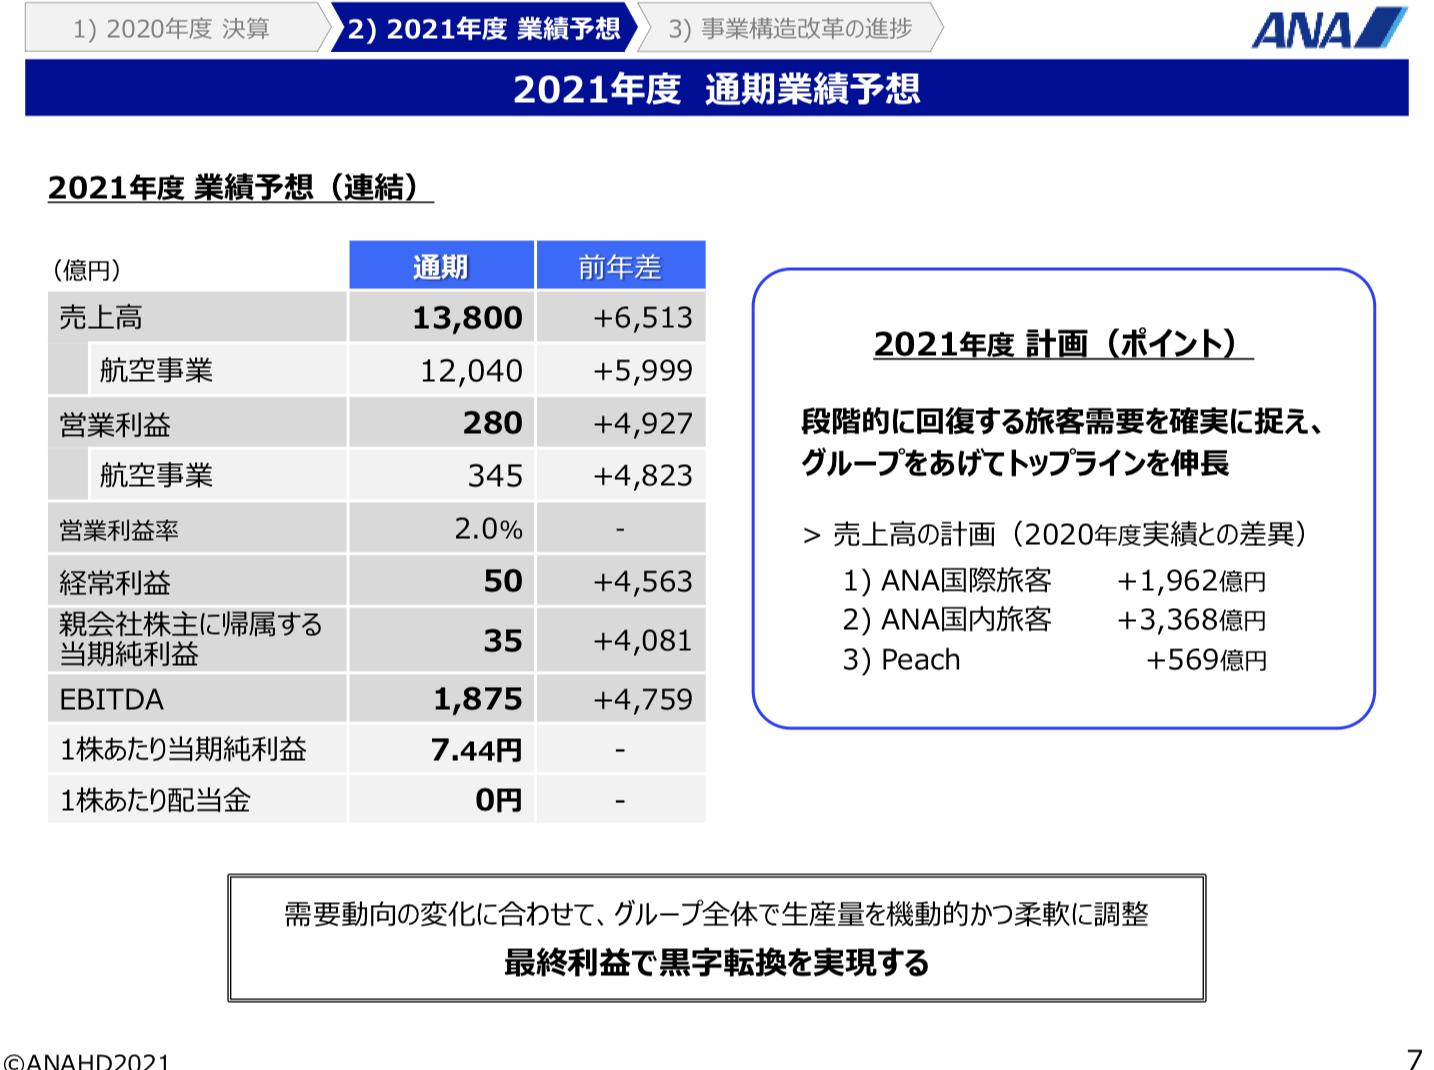 ANAホールディングス株式会社 説明会 2021年3月期 決算